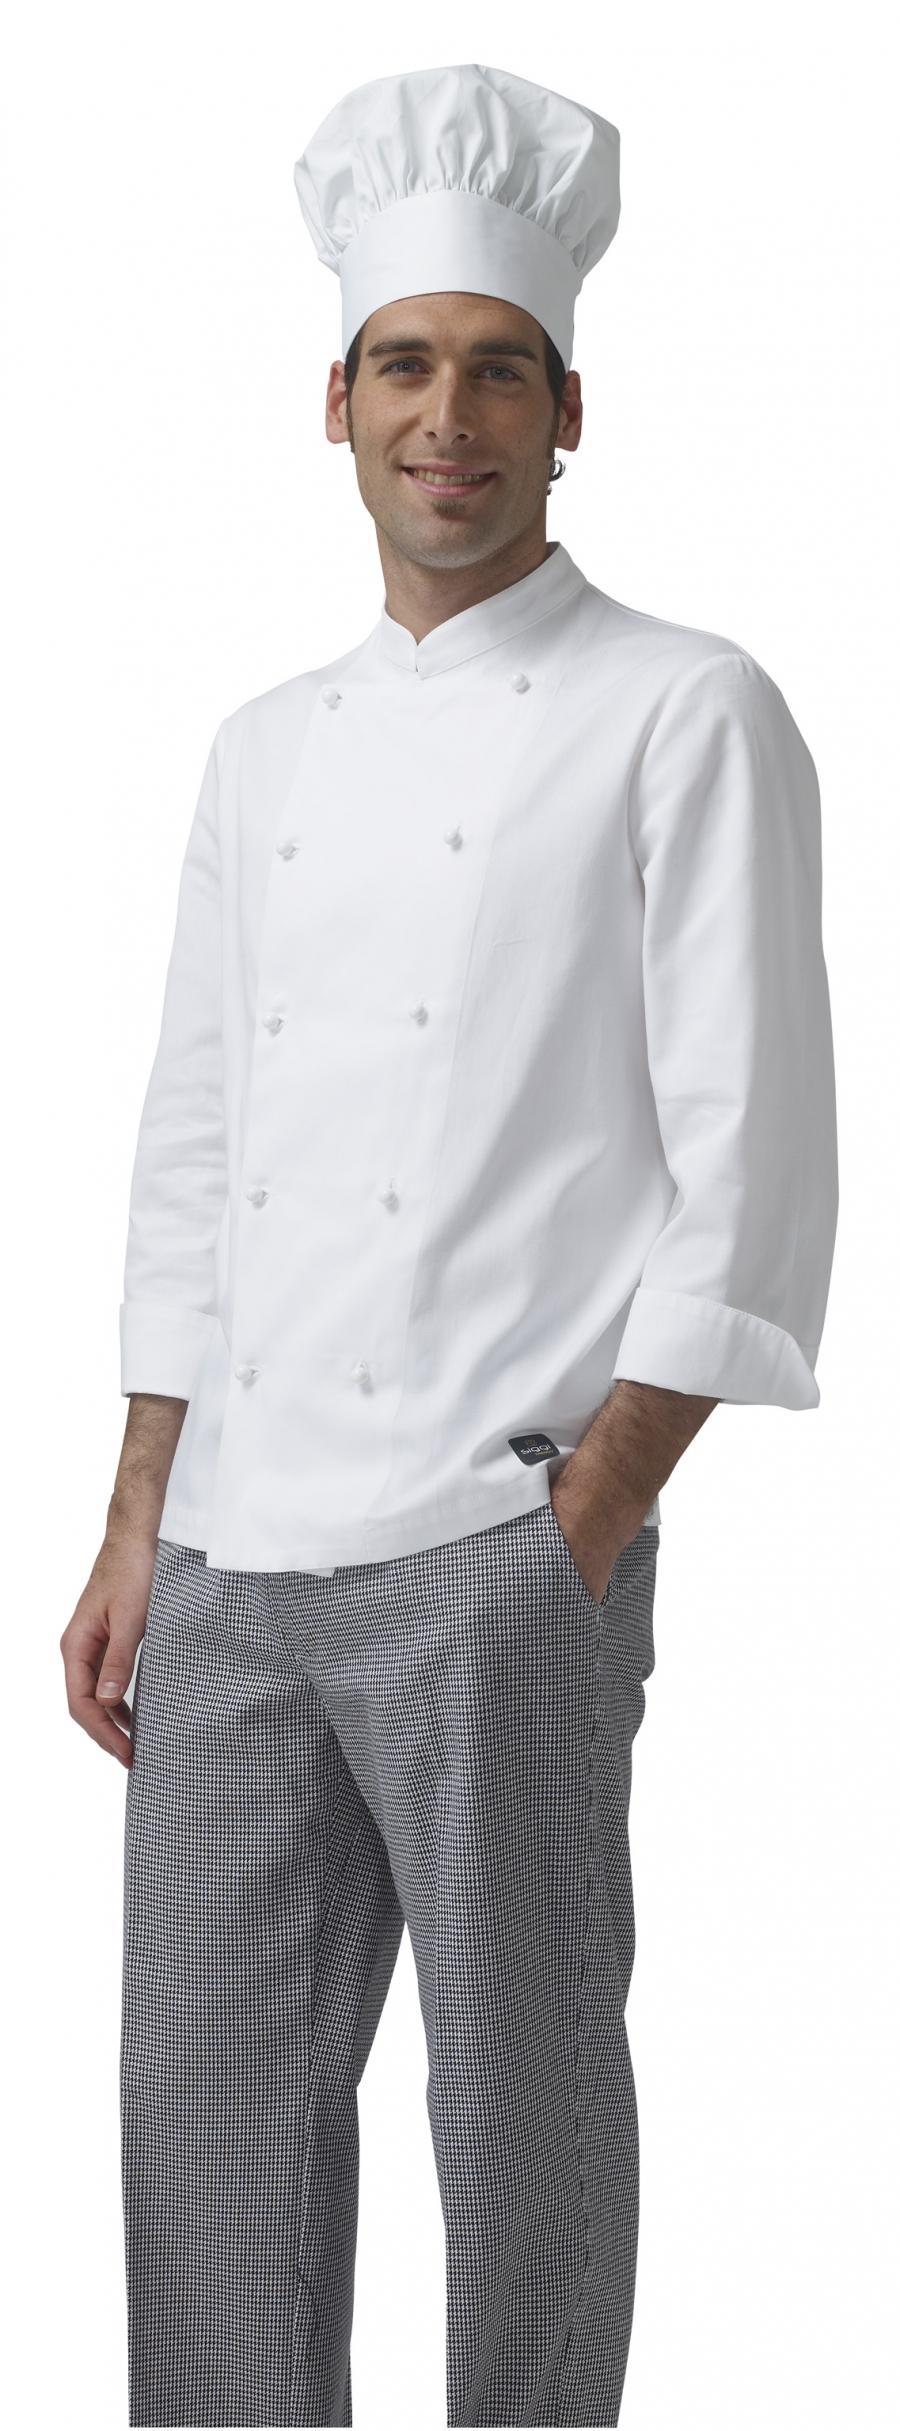 cappello da lavoro da cuoco/pasticciere unisex 100% cotone